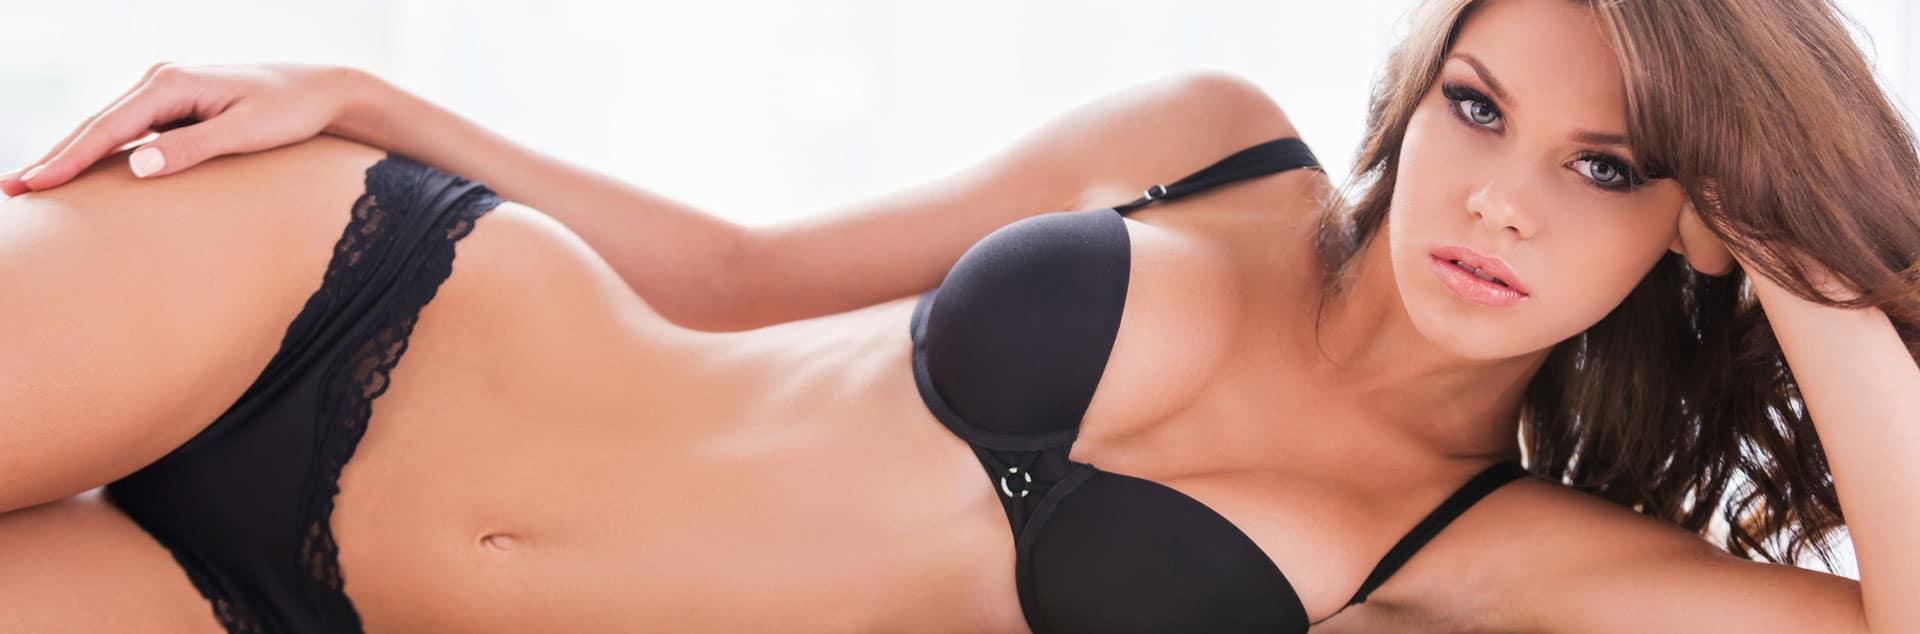 Brustvergrößerung - Dr. Arco